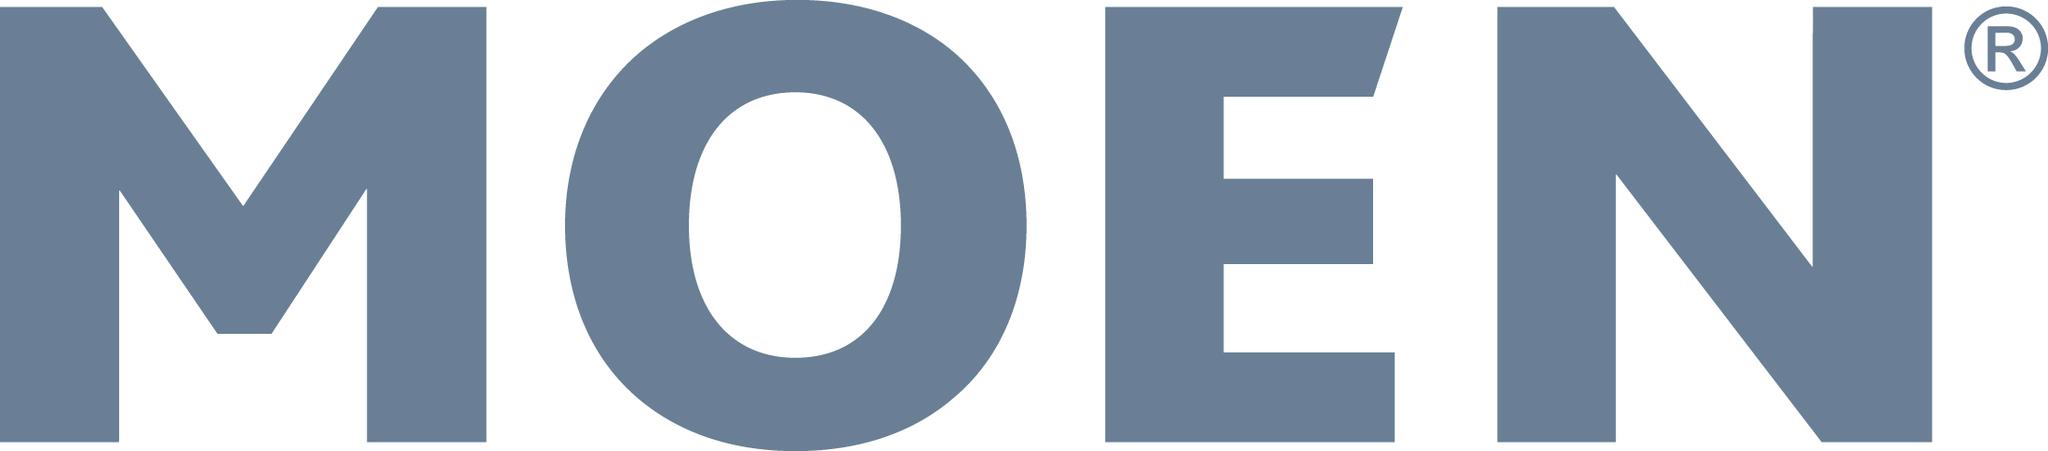 Moen, Inc. logo